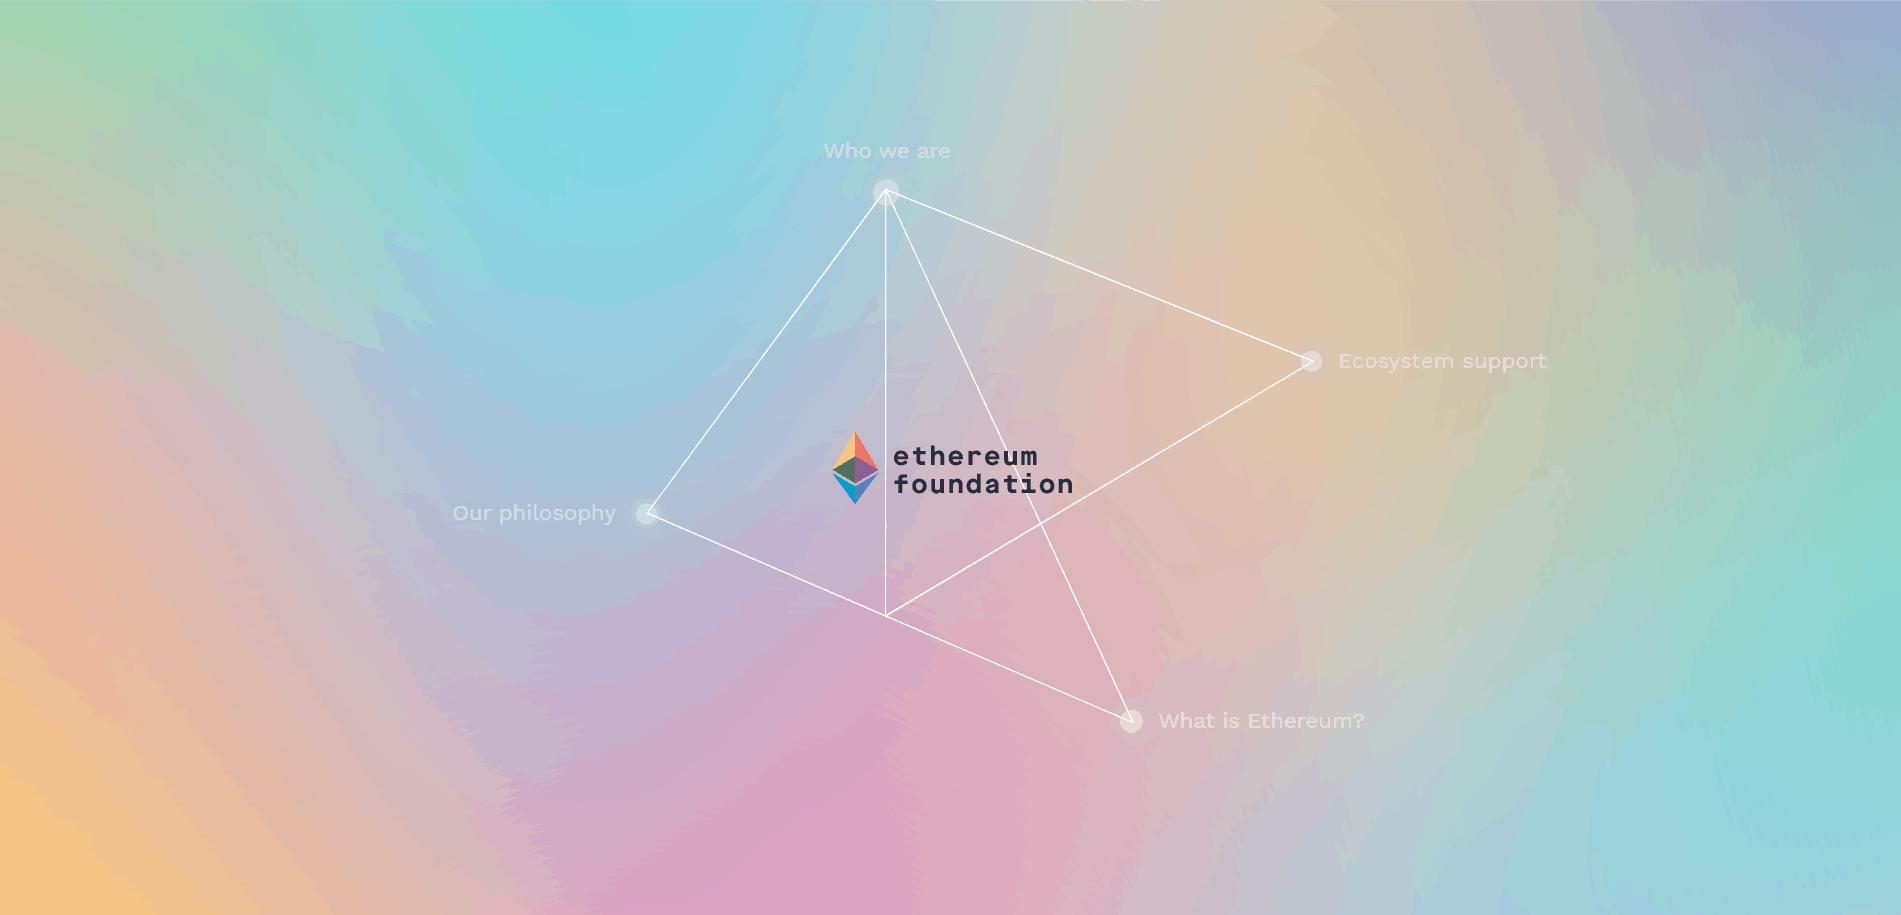 Fundação Ethereum, um dos pilares do desenvolvimento Ethereum